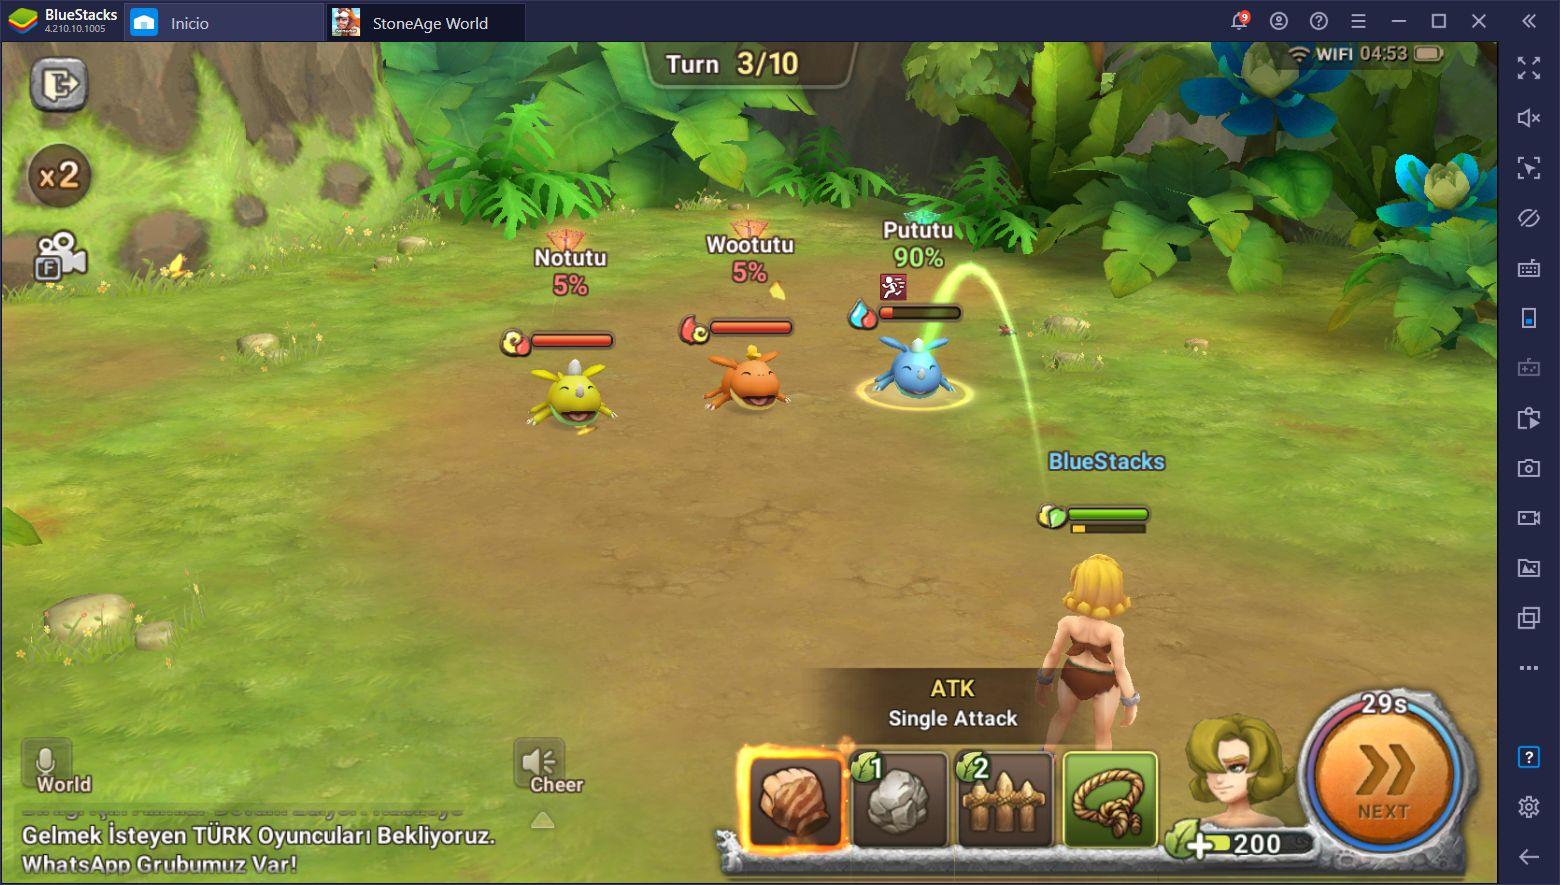 StoneAge World - Cómo Capturar Mascotas en Este RPG Similar a Pokémon